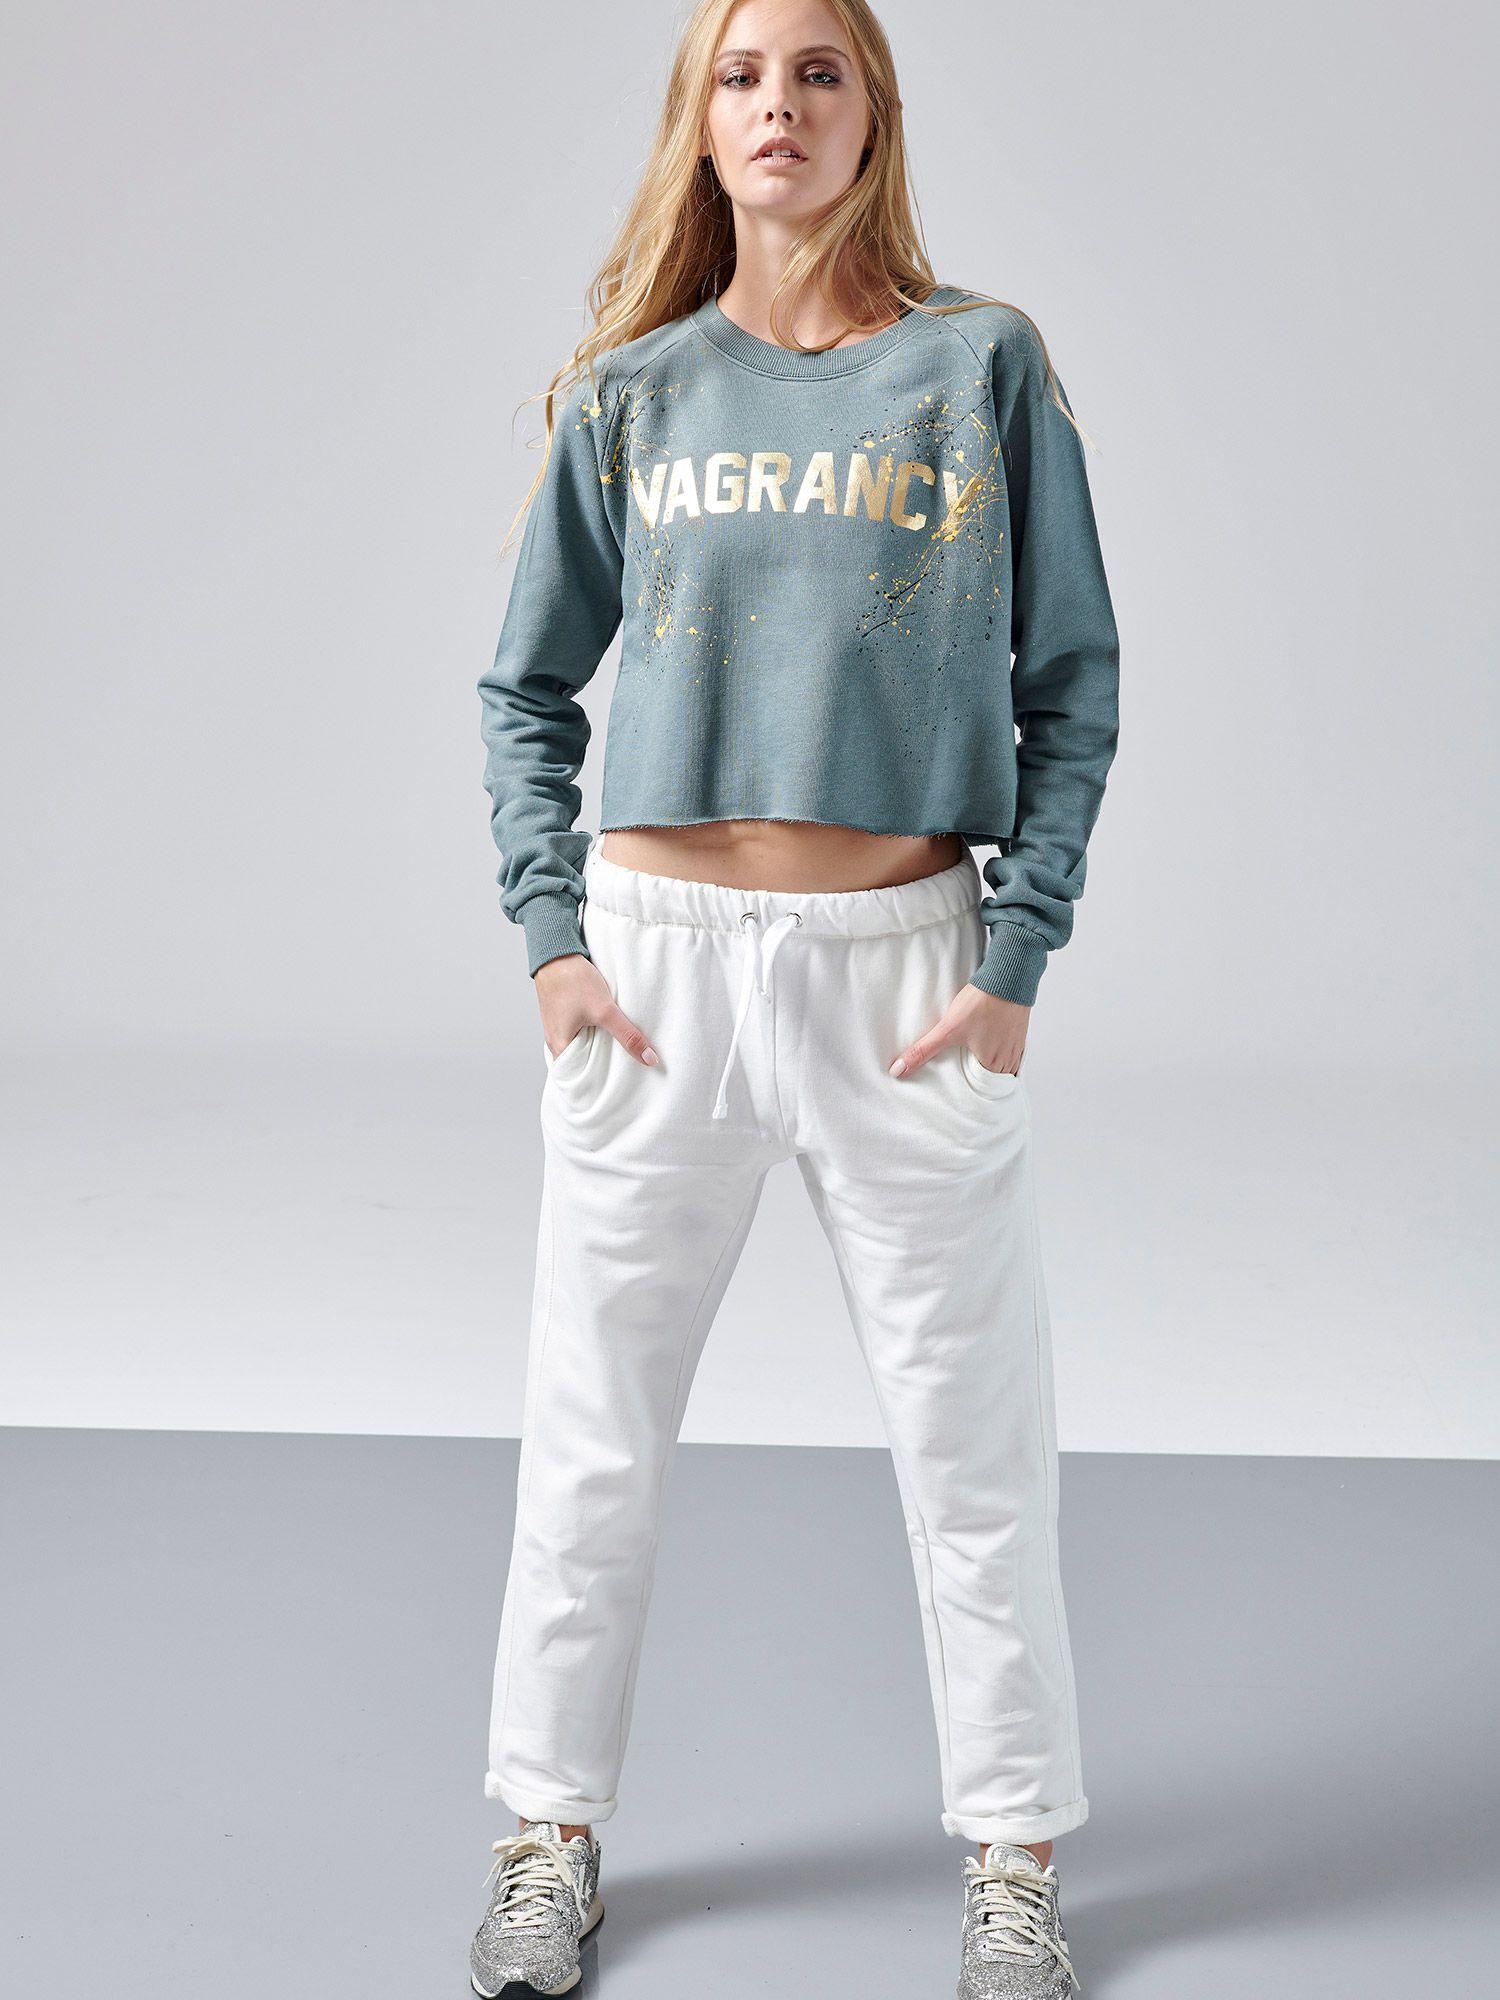 d866bddf55 VagrancyLifestyle cotton creme pants